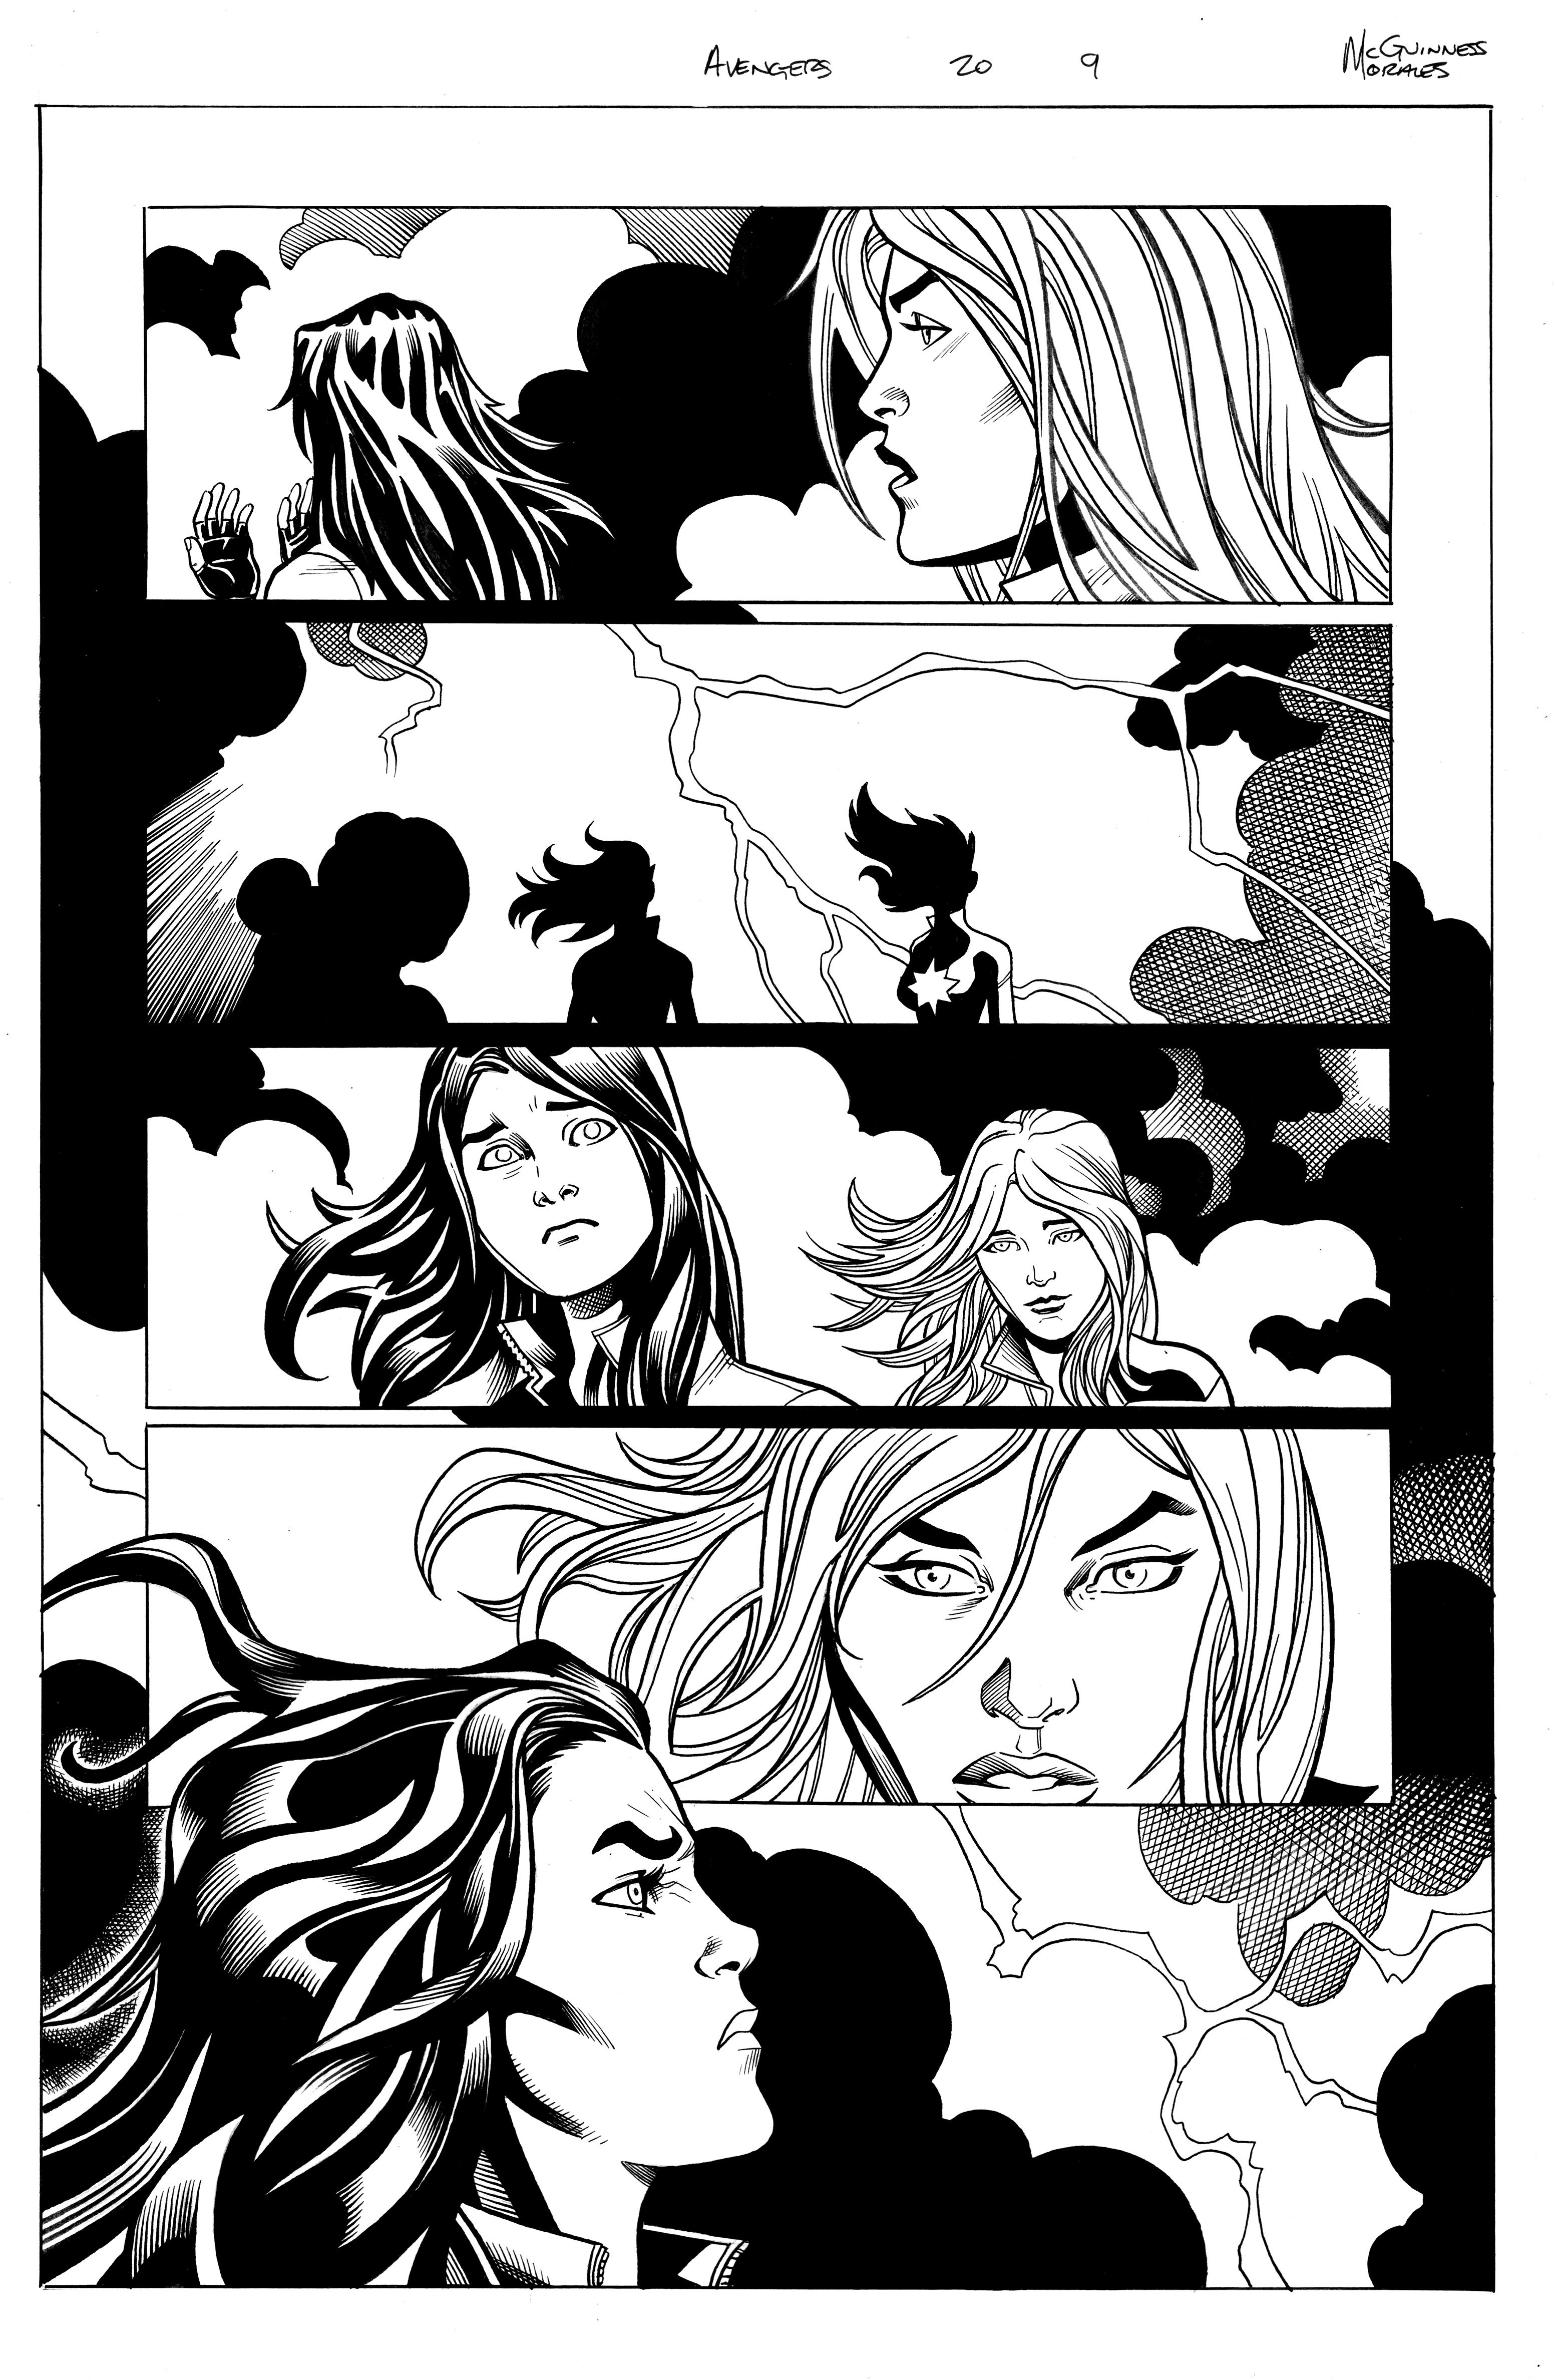 Avengers #20 pg 9